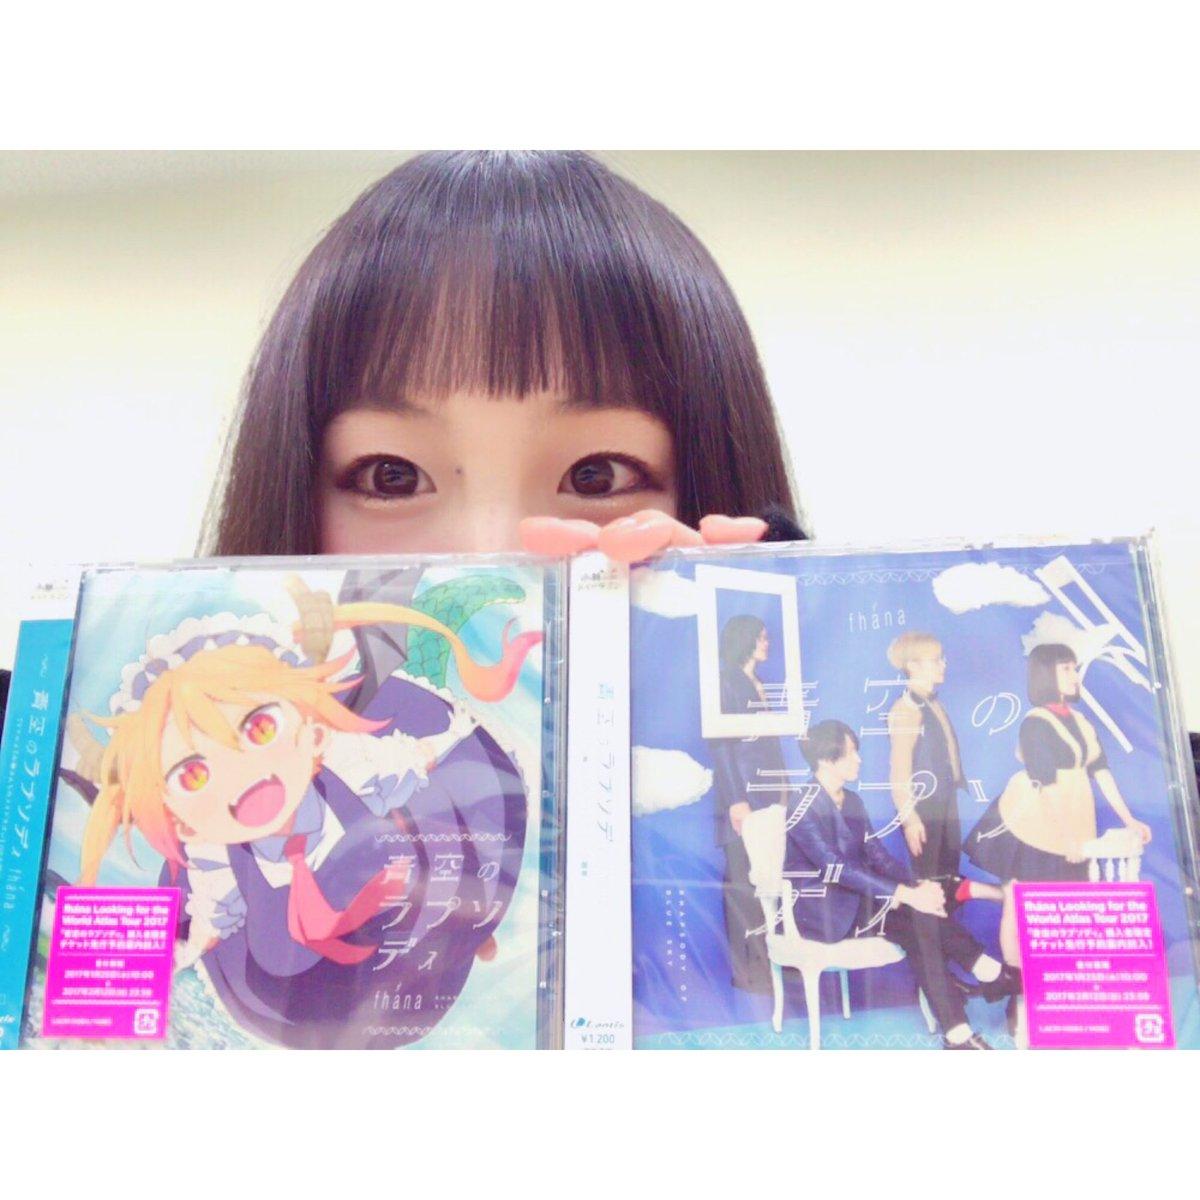 おはよー! ございます!  fhána! ニューシングル! 発売日!  小林さんちの! メイドラゴン…